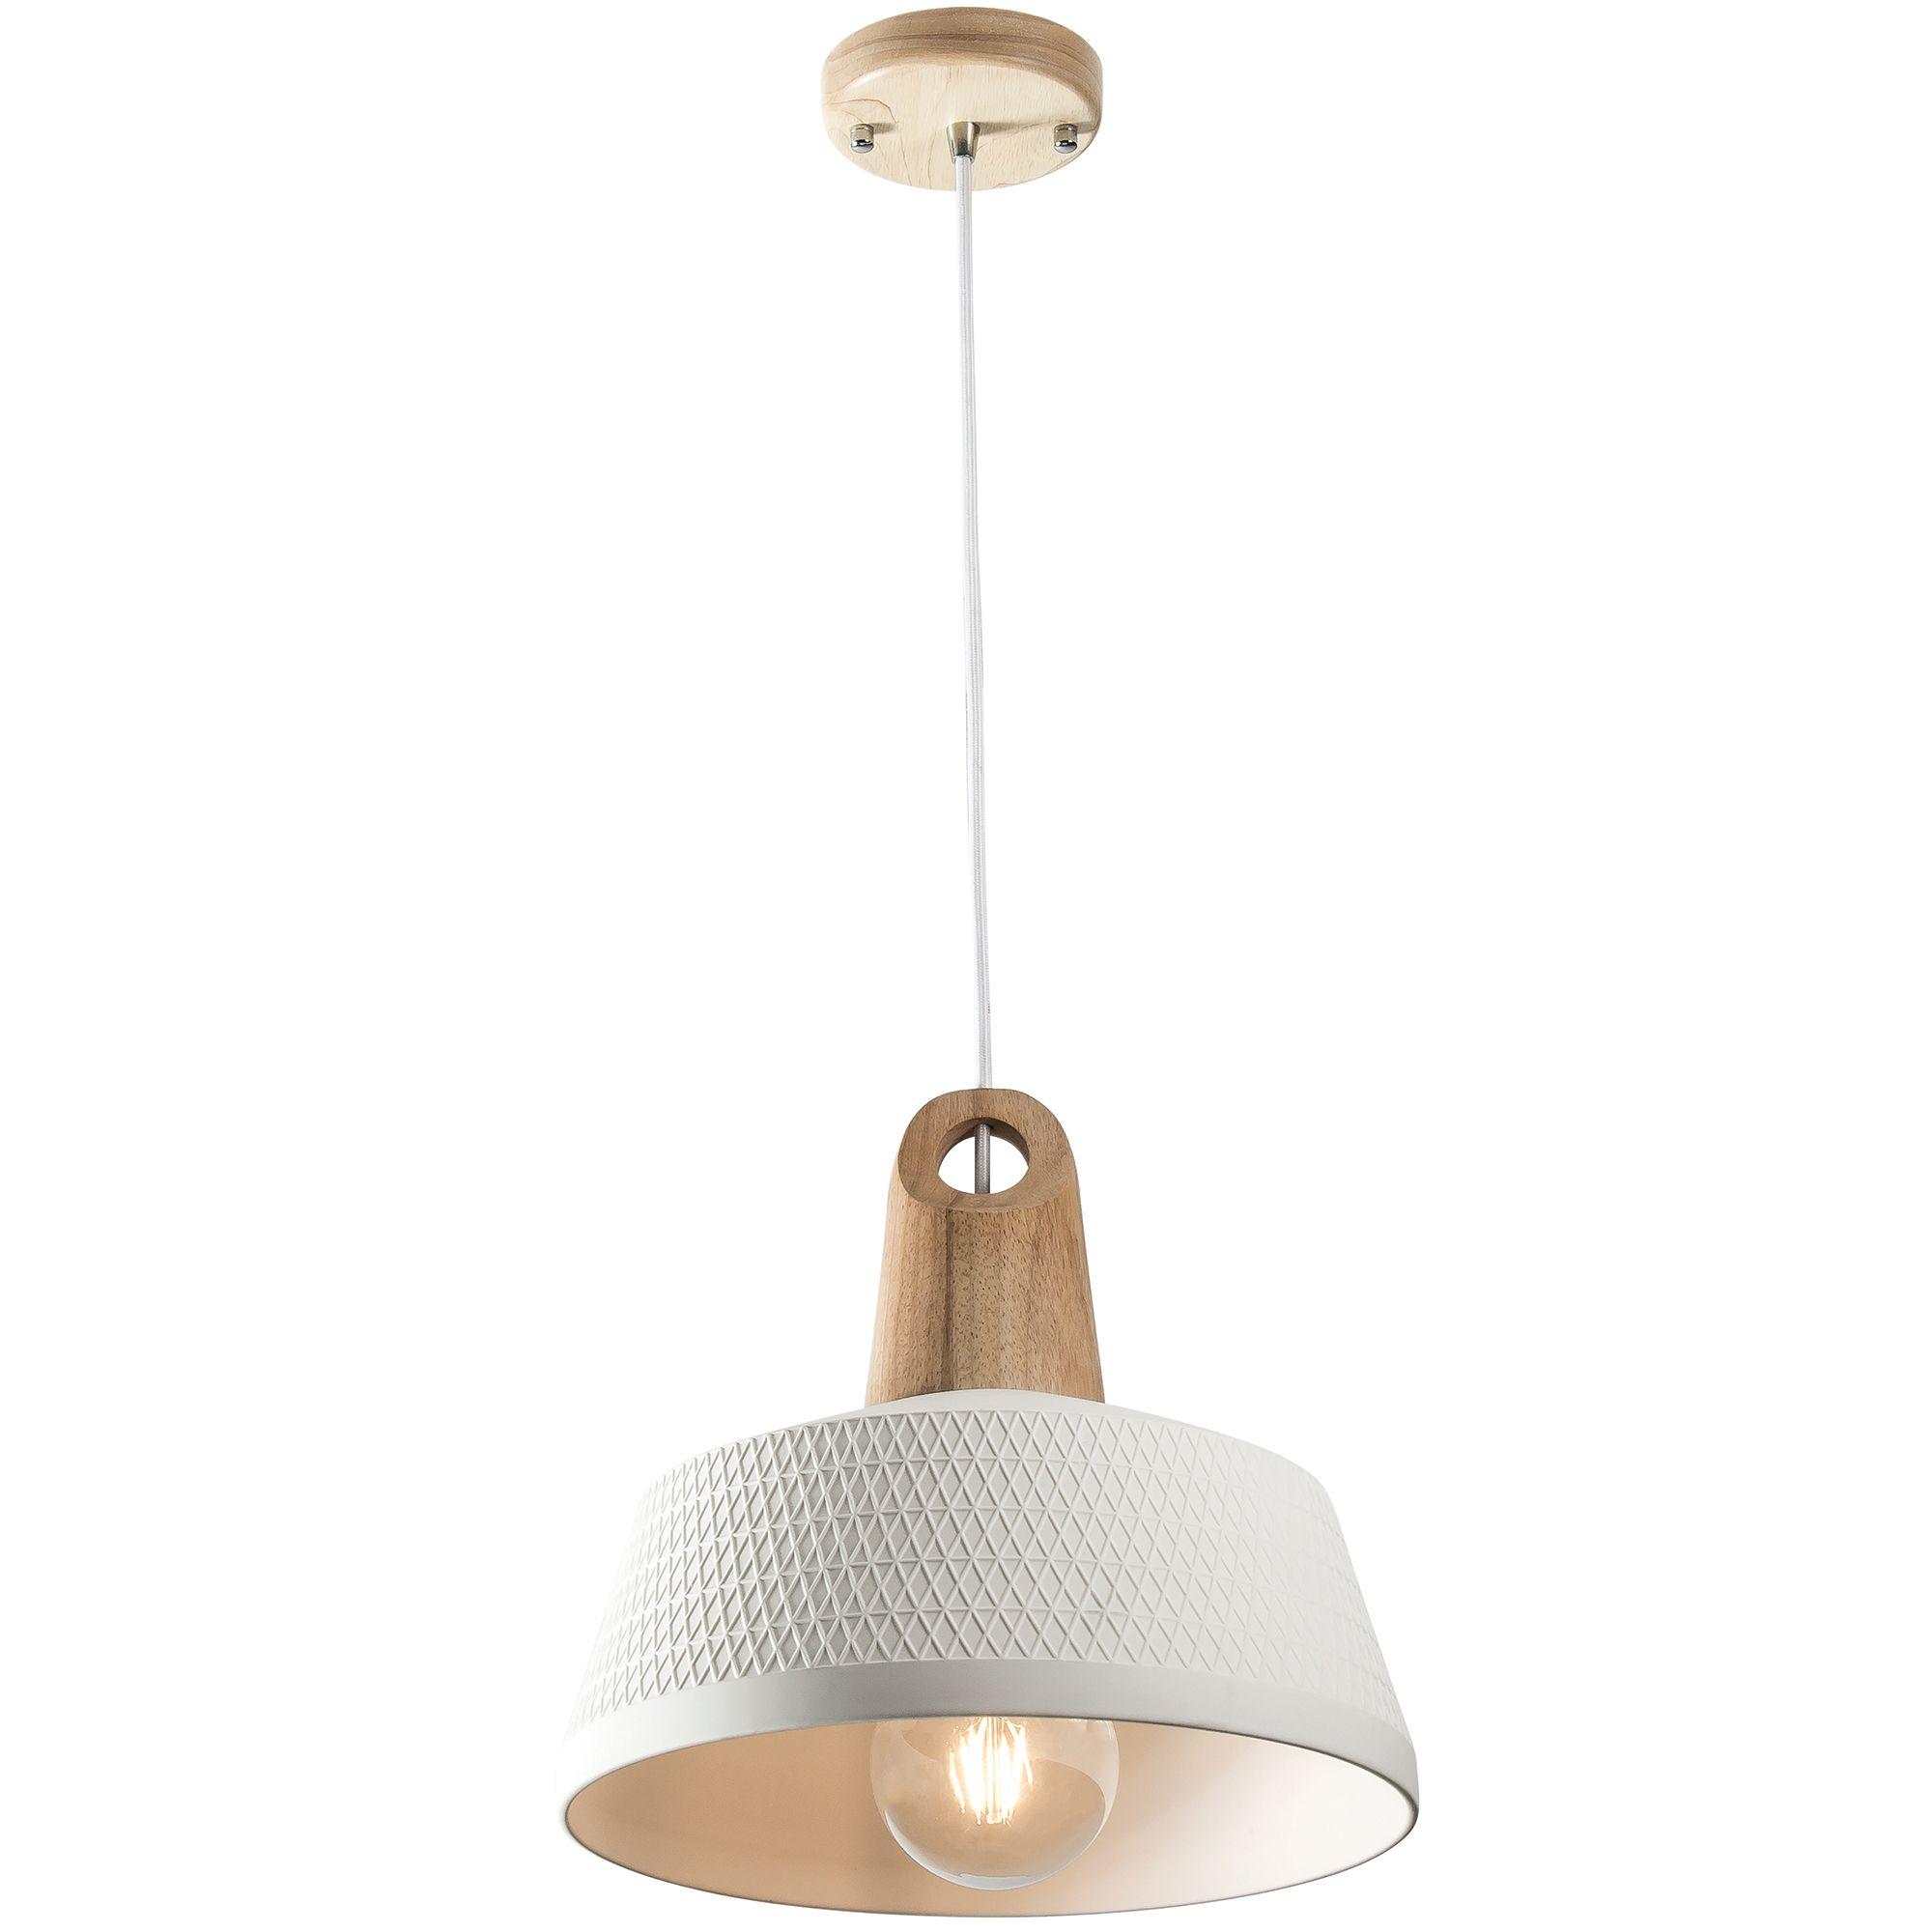 White Morrissey Pendant Light By Mercator 189 Ceiling Lights Pendant Light Temple Of Light